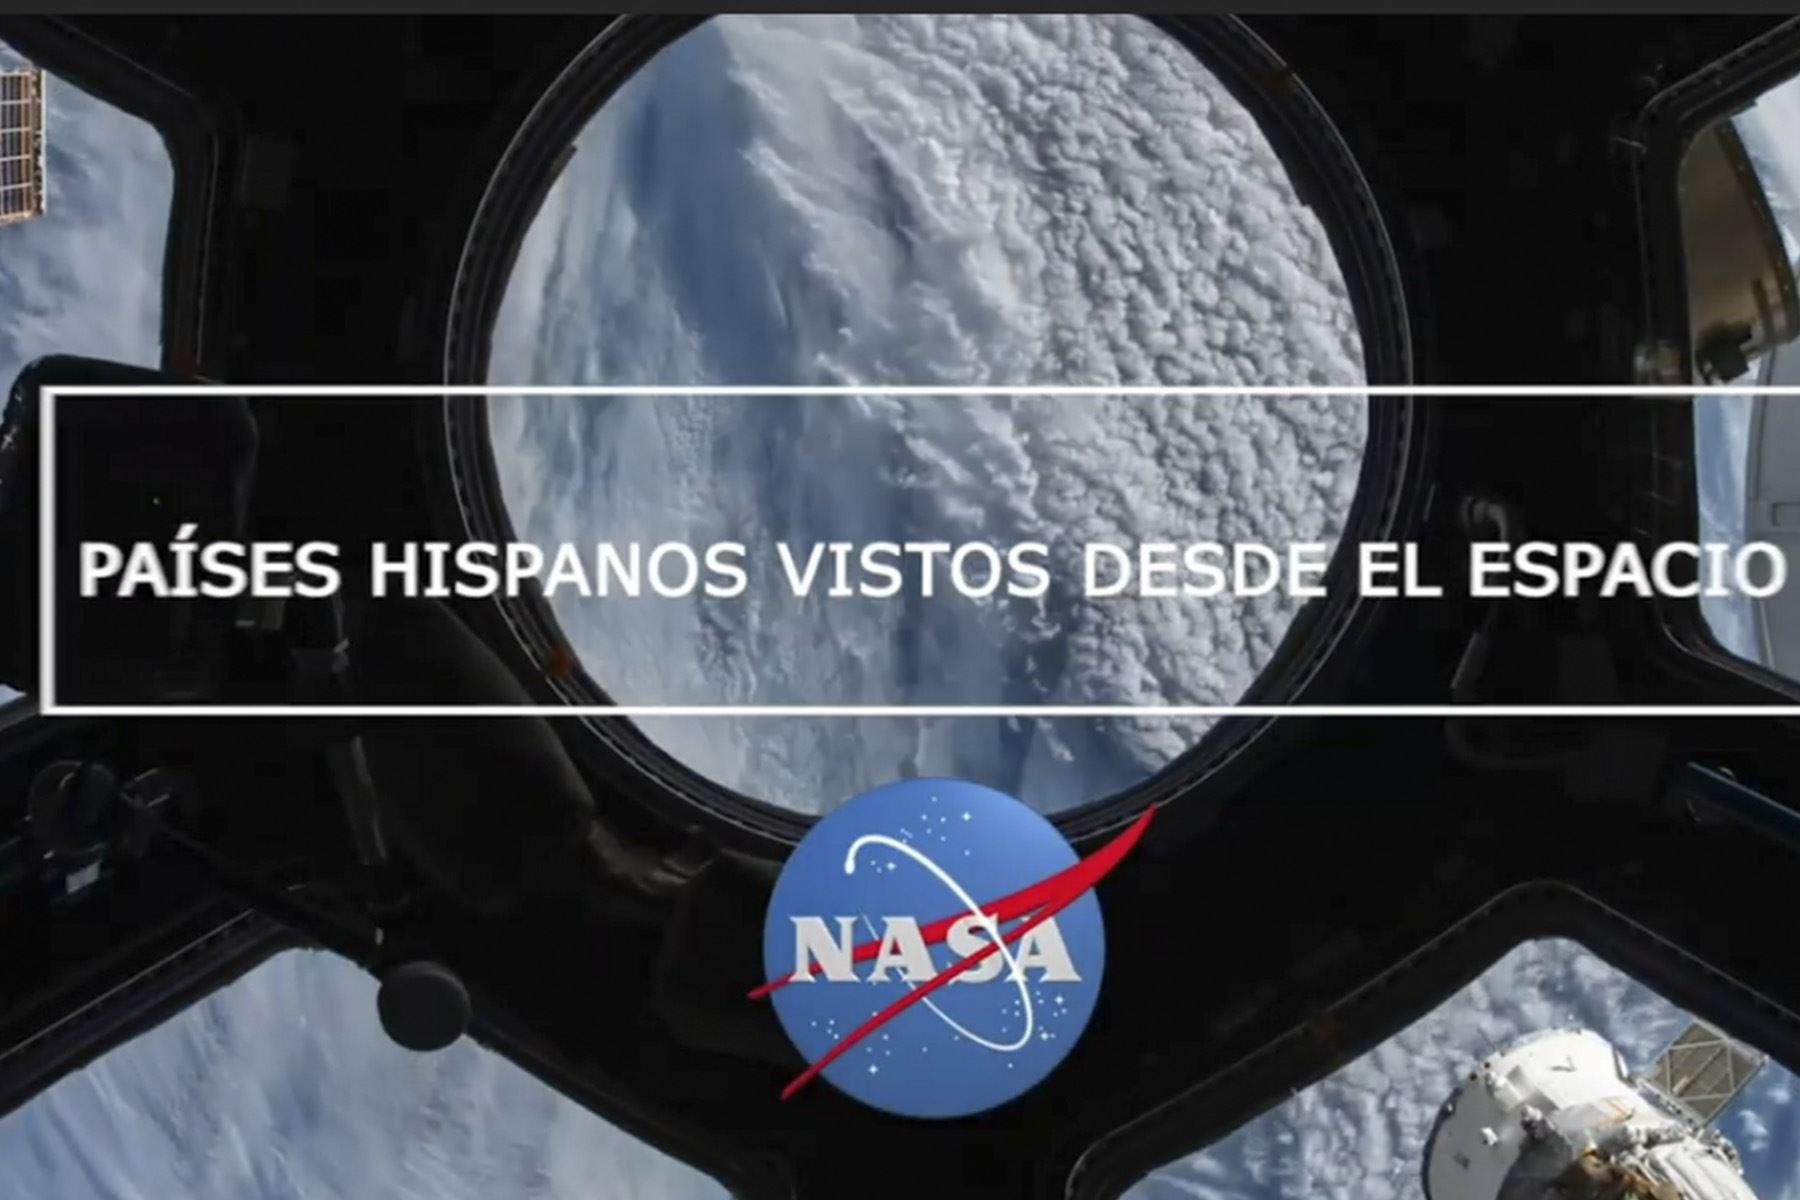 La NASA publicó un video con espectaculares vistas de países de Hispanoamérica, entre ellos Perú.